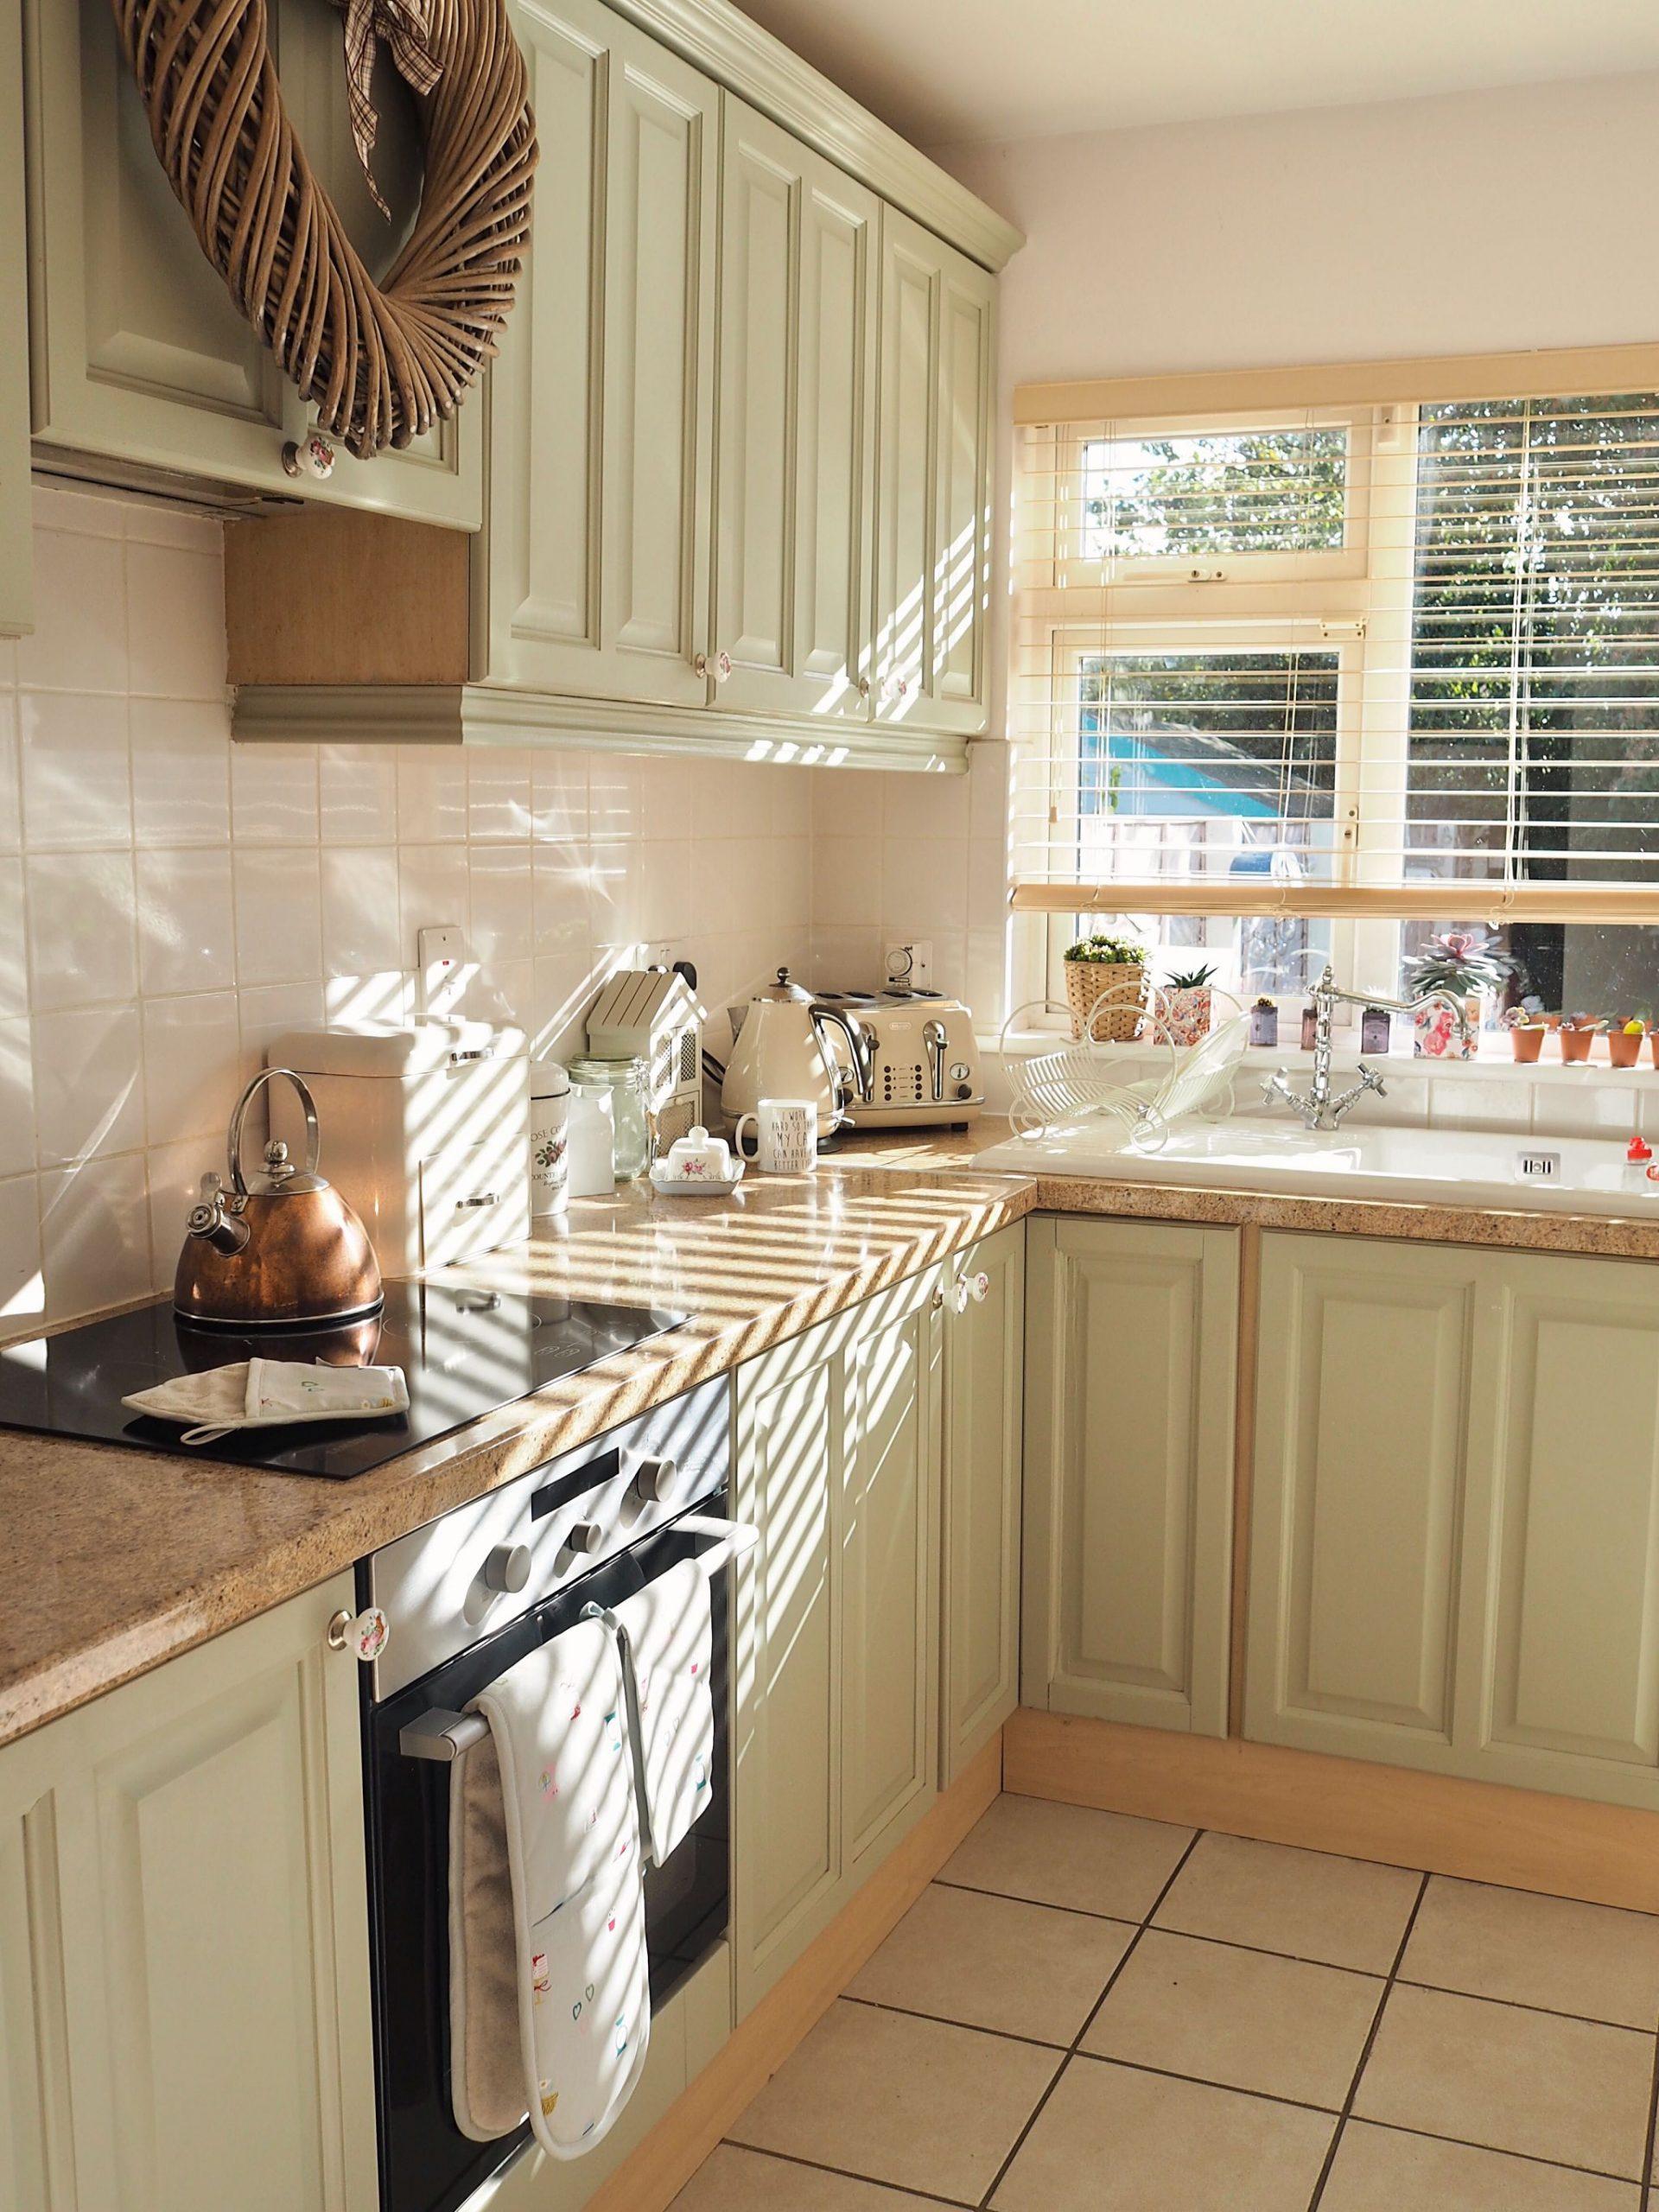 Kitchen decor, hand painted kitchen